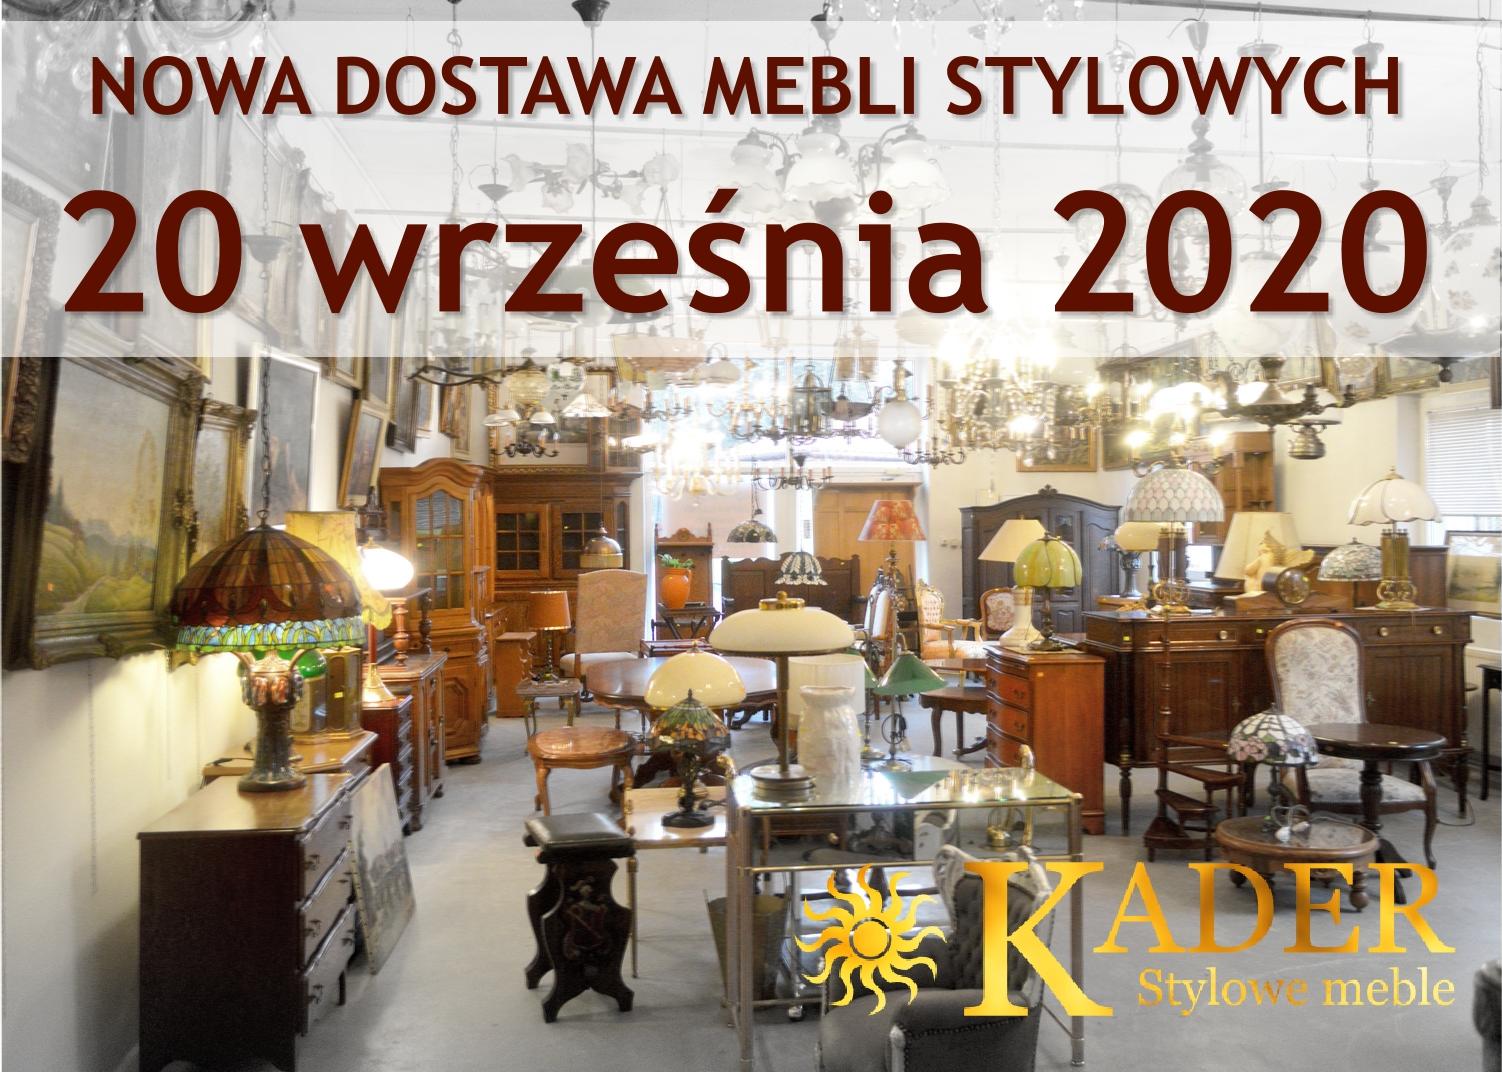 Nowa dostawa mebli stylowych, kolonialnych, obrazów i zegarów - KADER Grodzisk Mazowiecki